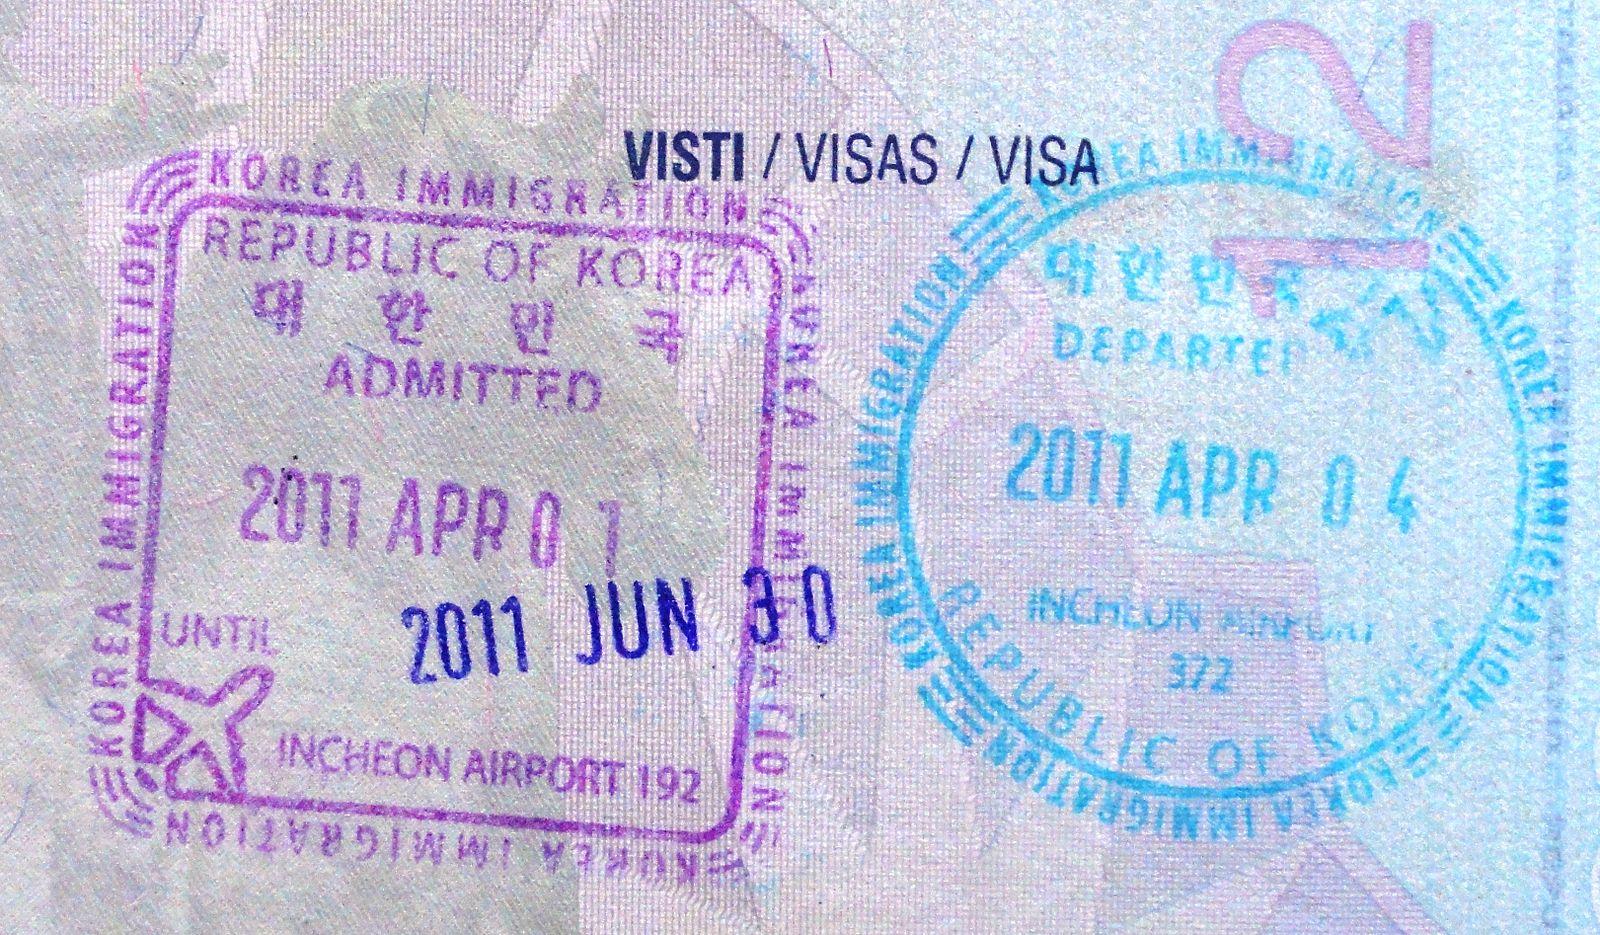 Travel to South Korea Visa